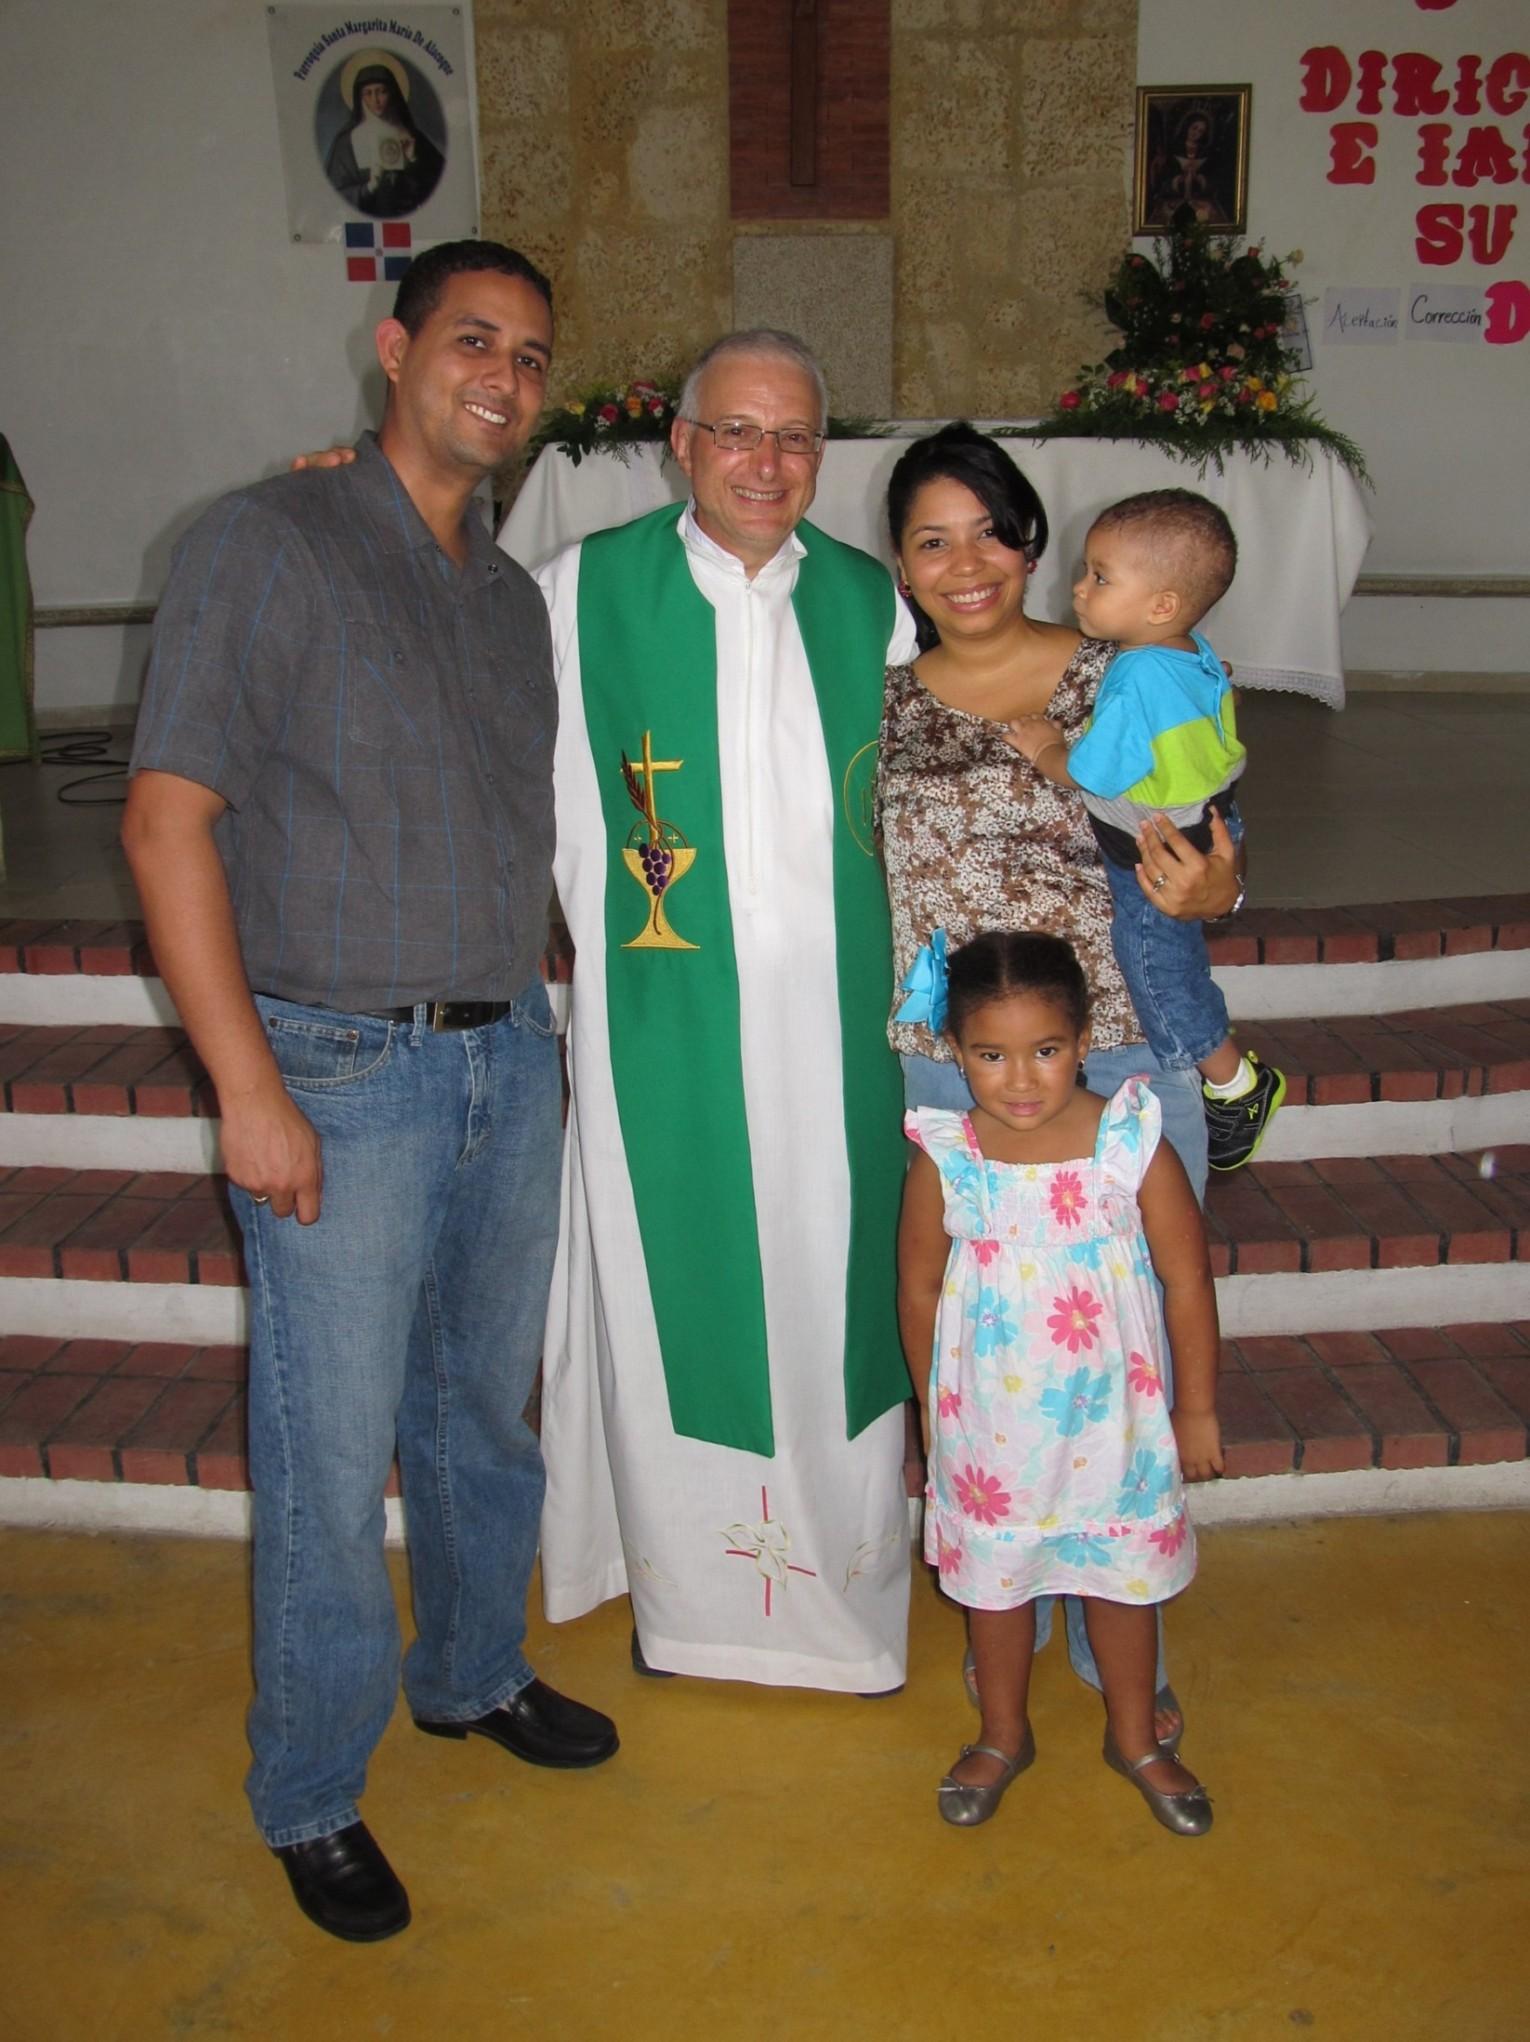 visita_guaricano_paolo_fabrizio_elena_tiziana_2013-08-25-11-01-03